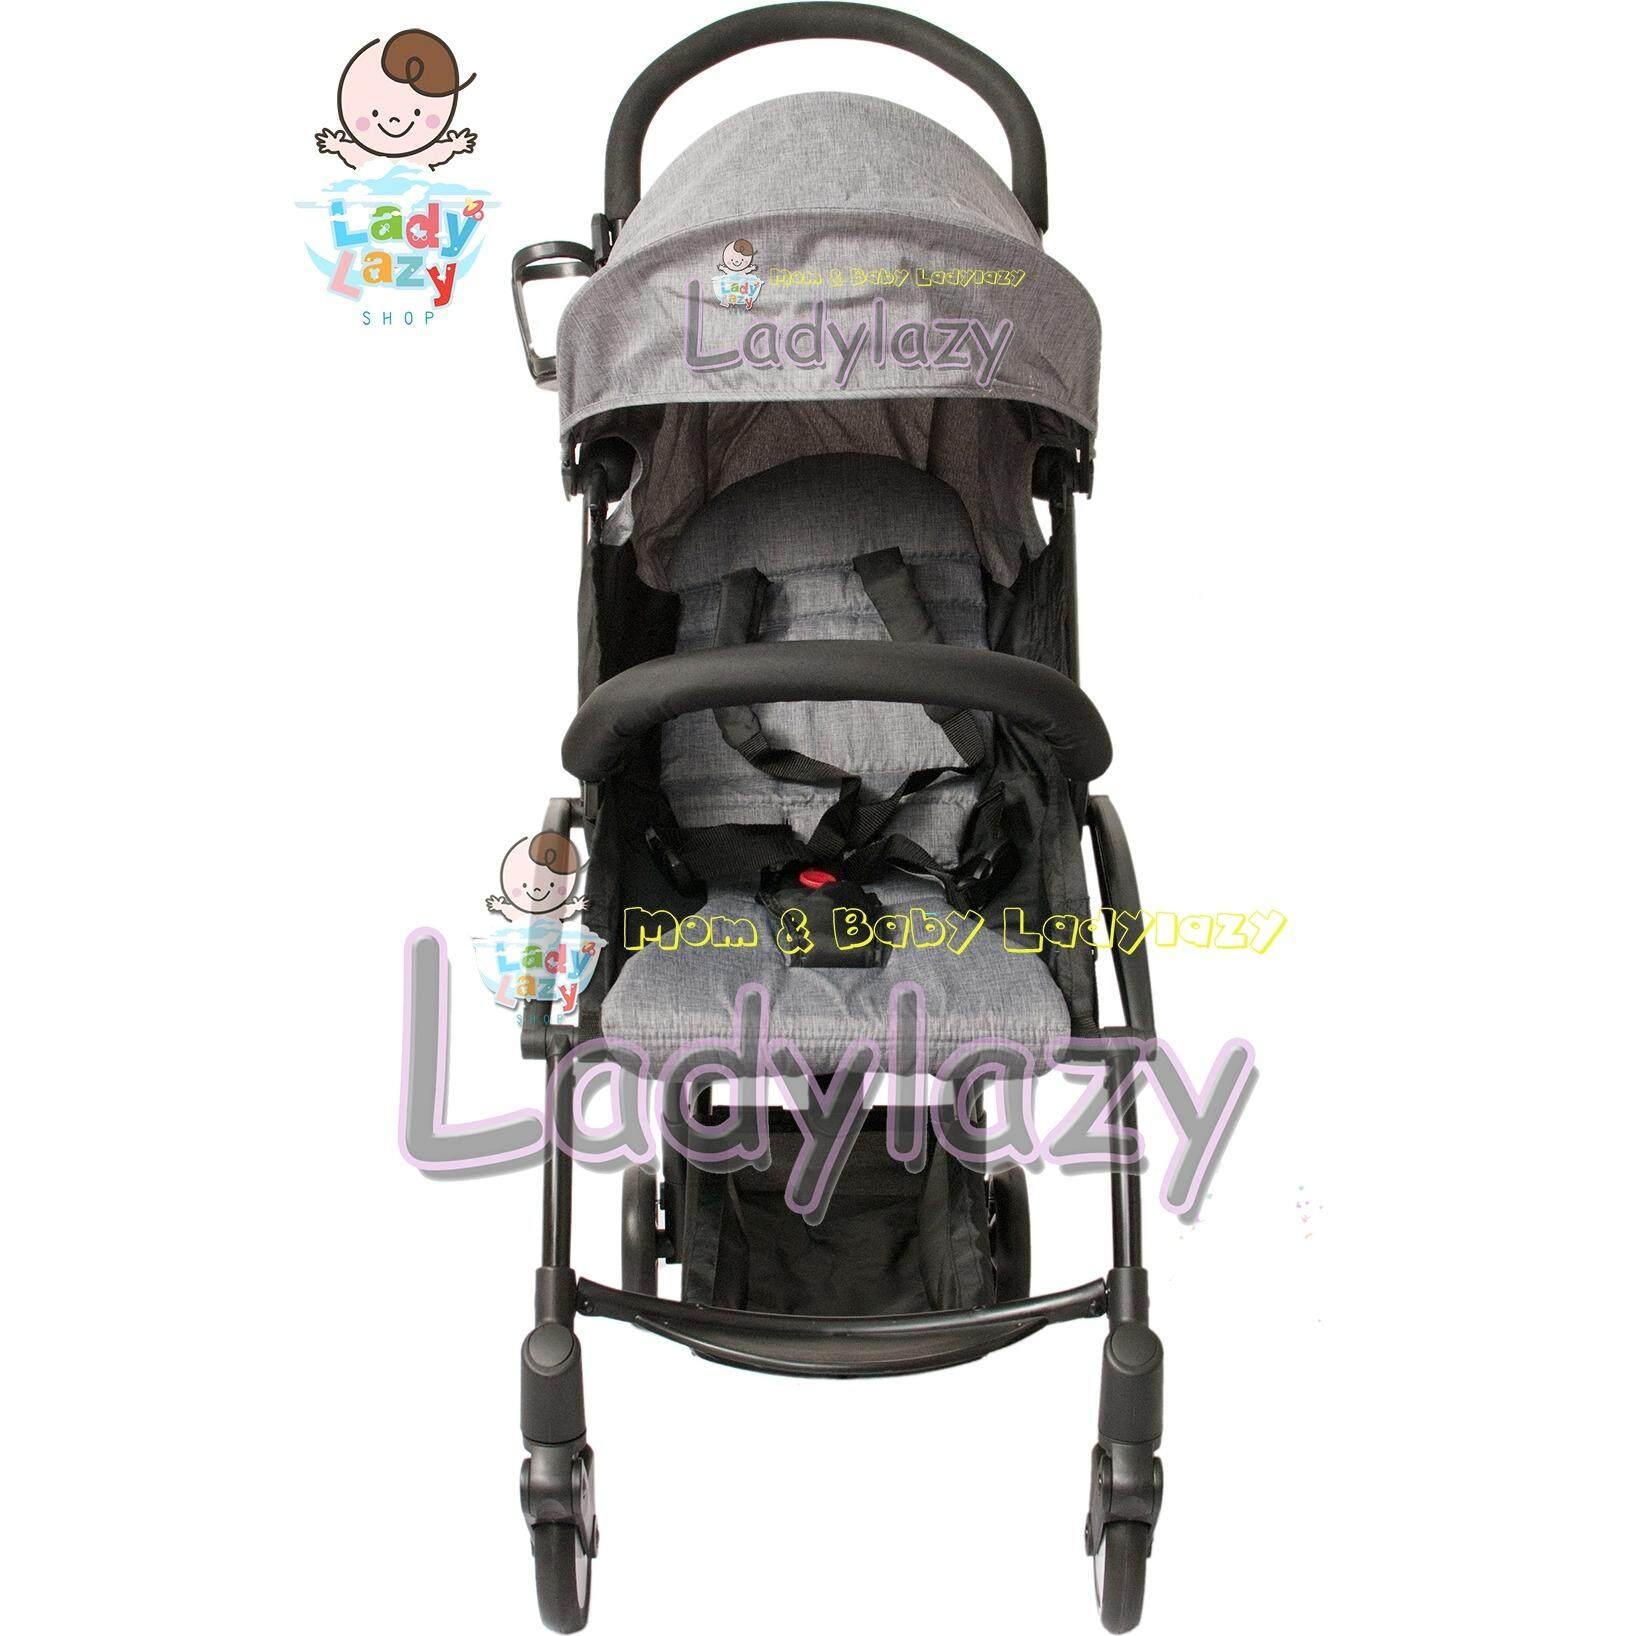 ถูกเหลือเชื่อ MR รถเข็นเด็กแบบนอน LOMA รถเข็นเด็ก สามารถนั่งและนอน Baby Stroller 3-36เดือน รุ่น?BYFUS559 เว็บเดียวที่ลดราคา